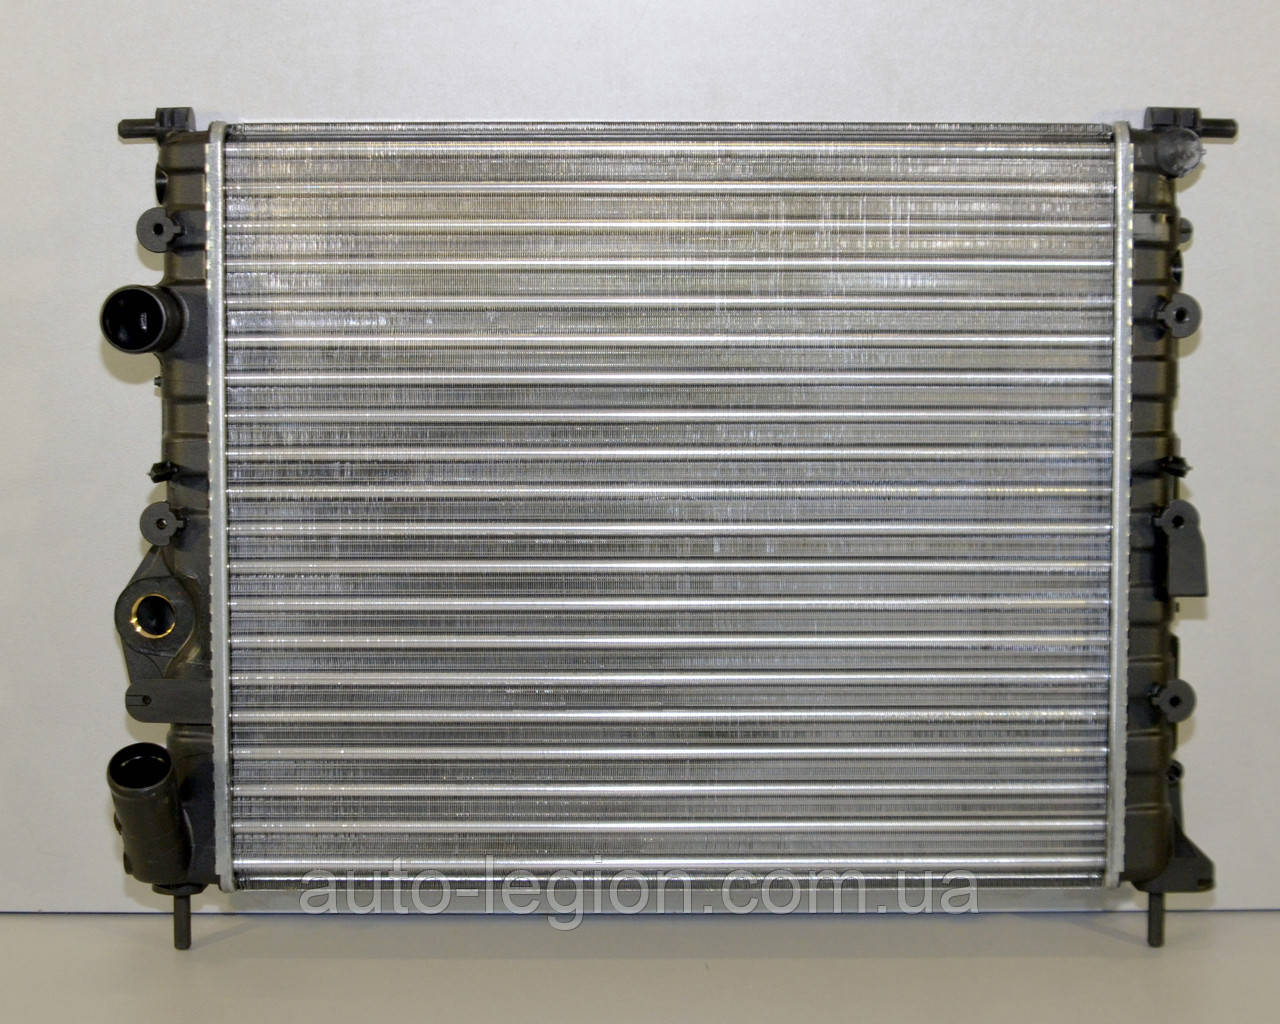 Радиатор охлаждения двигателя на Renault Kangoo 97->08 1.5dCi+1.2+1.4 (-AC) — Renault (Оригинал) - 7700838134